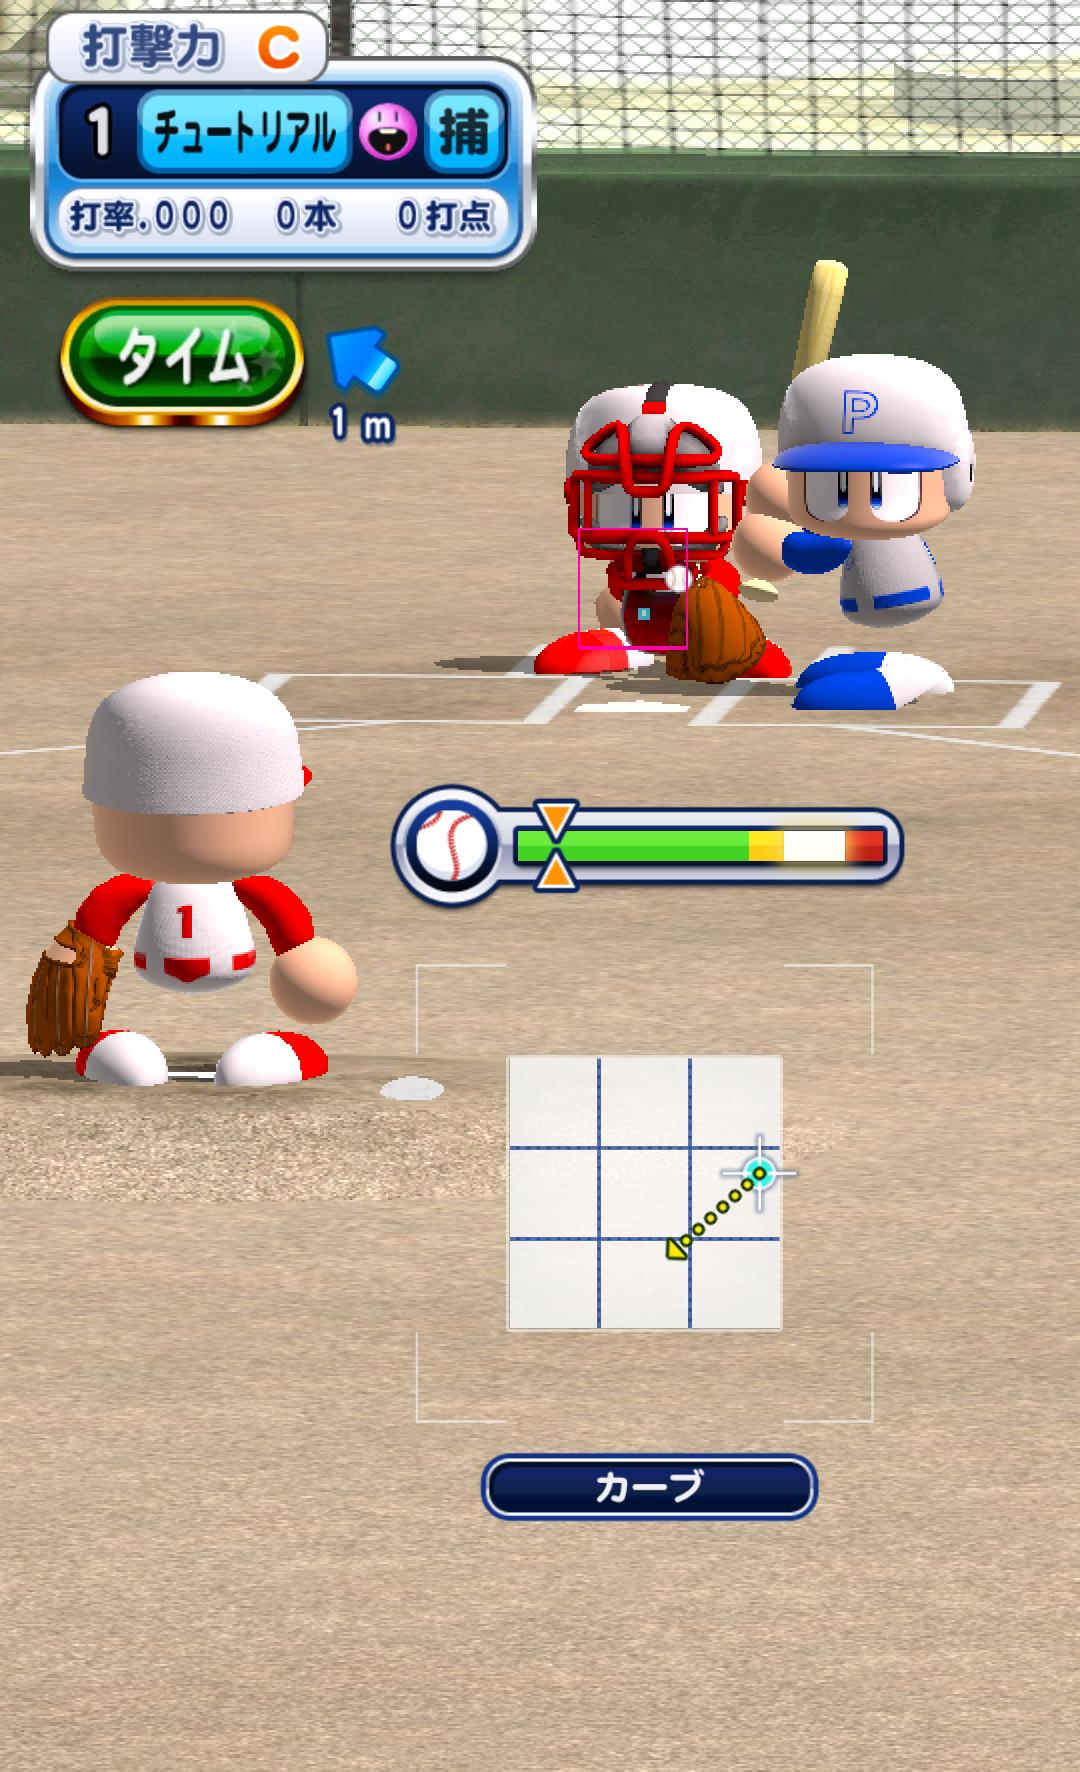 実況パワフルプロ野球 androidアプリスクリーンショット1